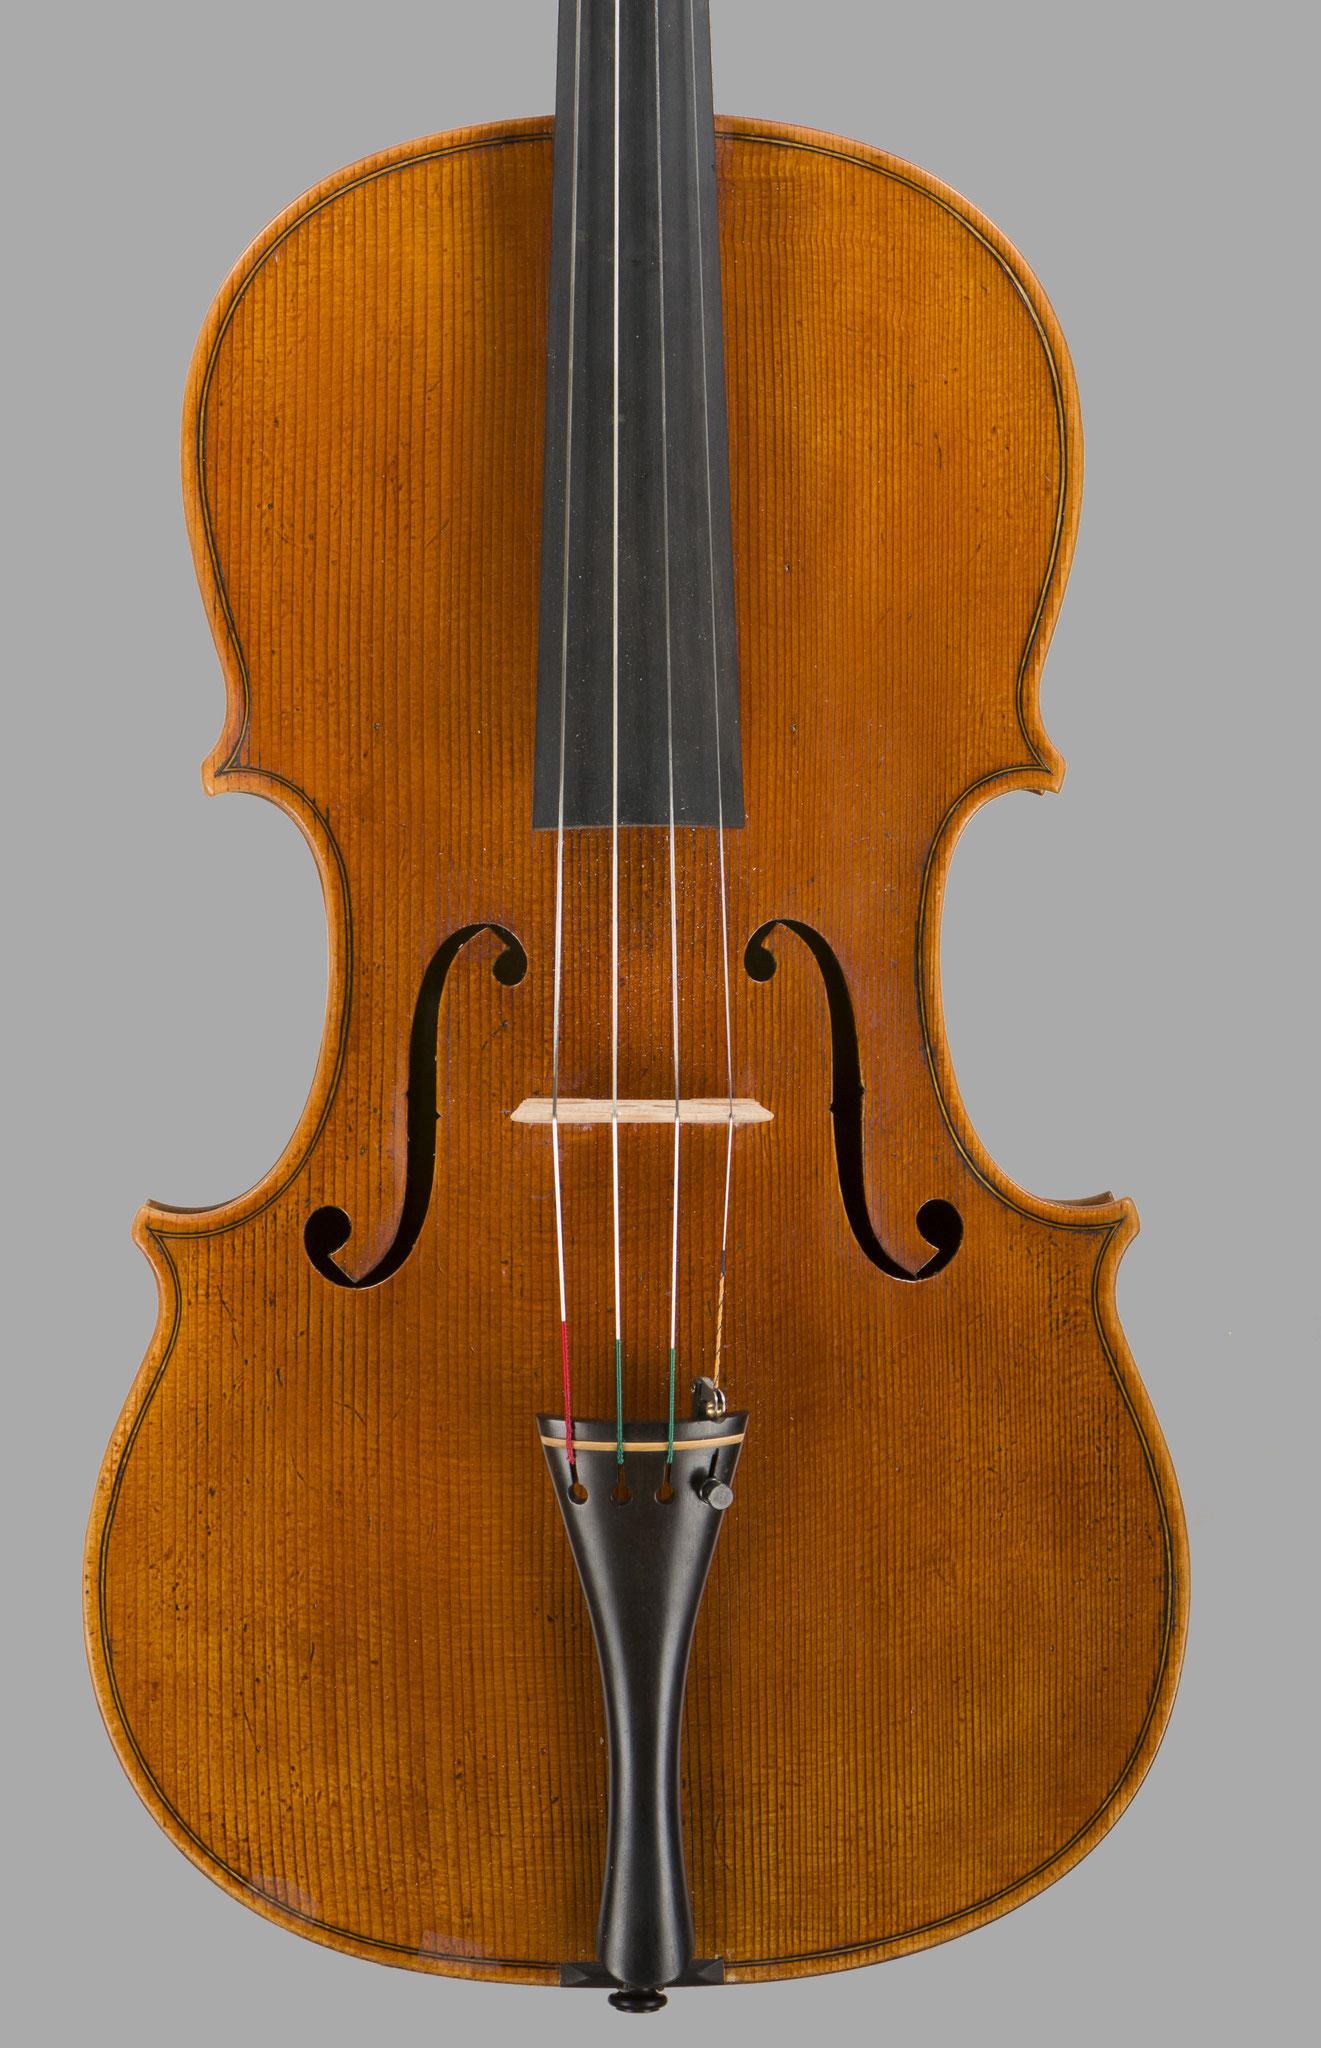 Viola nach Giovanni Battista Guadagnini 1747, Piacenza – 1